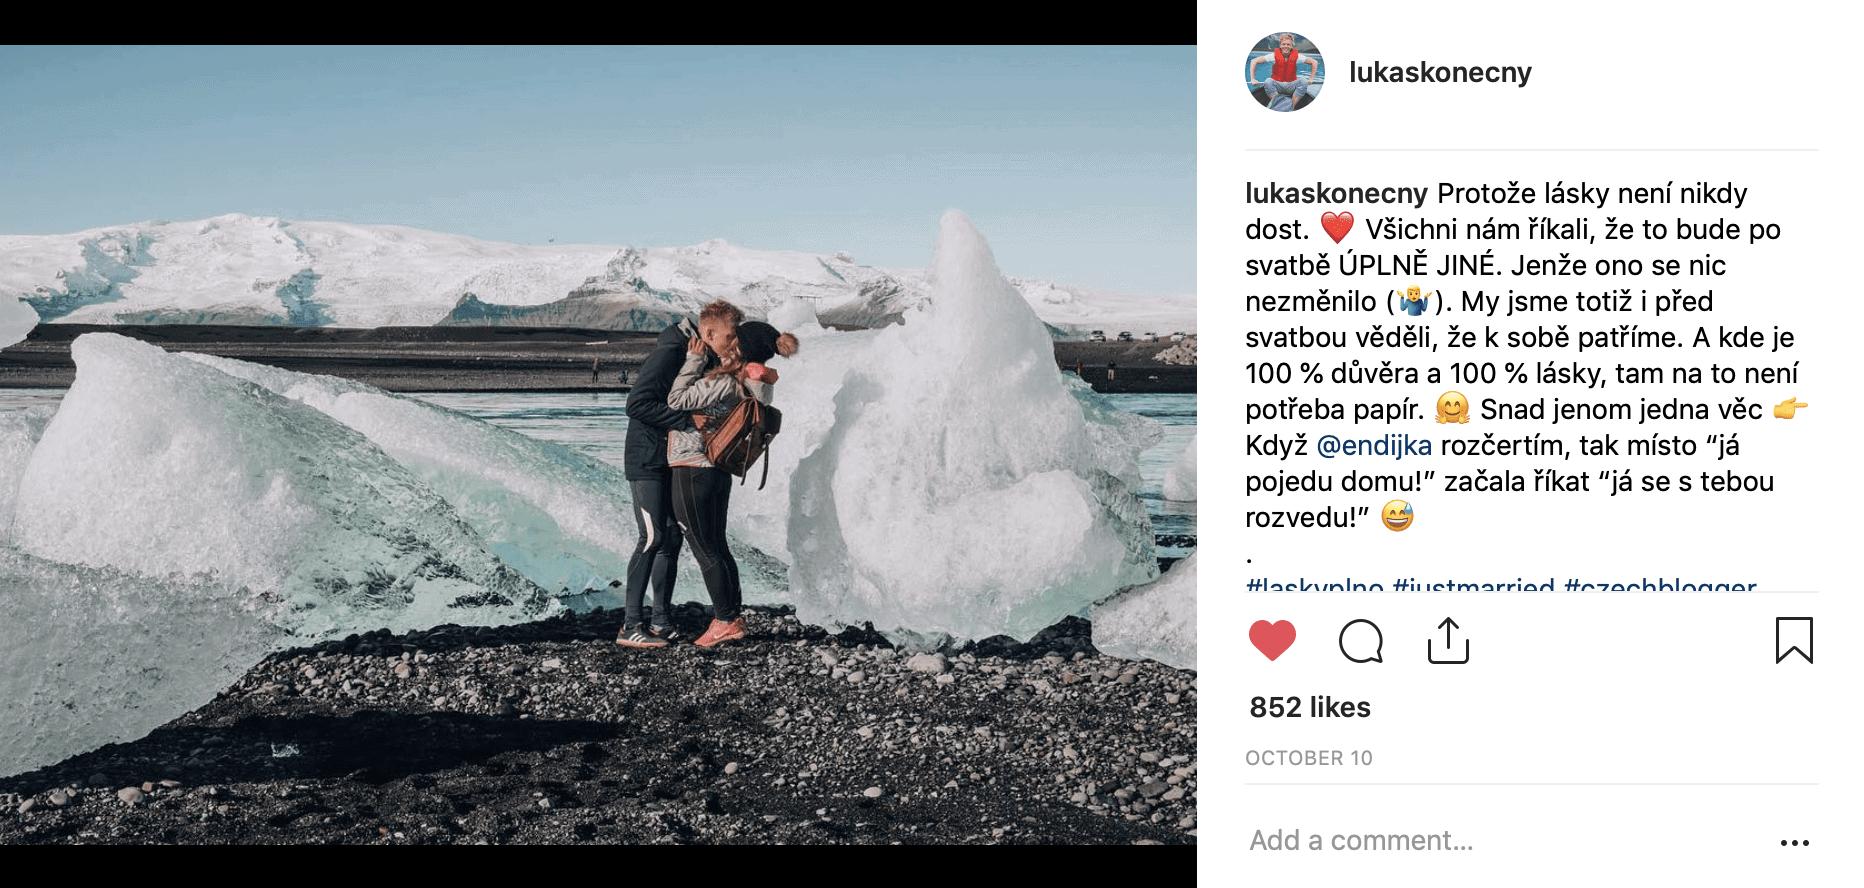 Lukáš Konečný Instagram